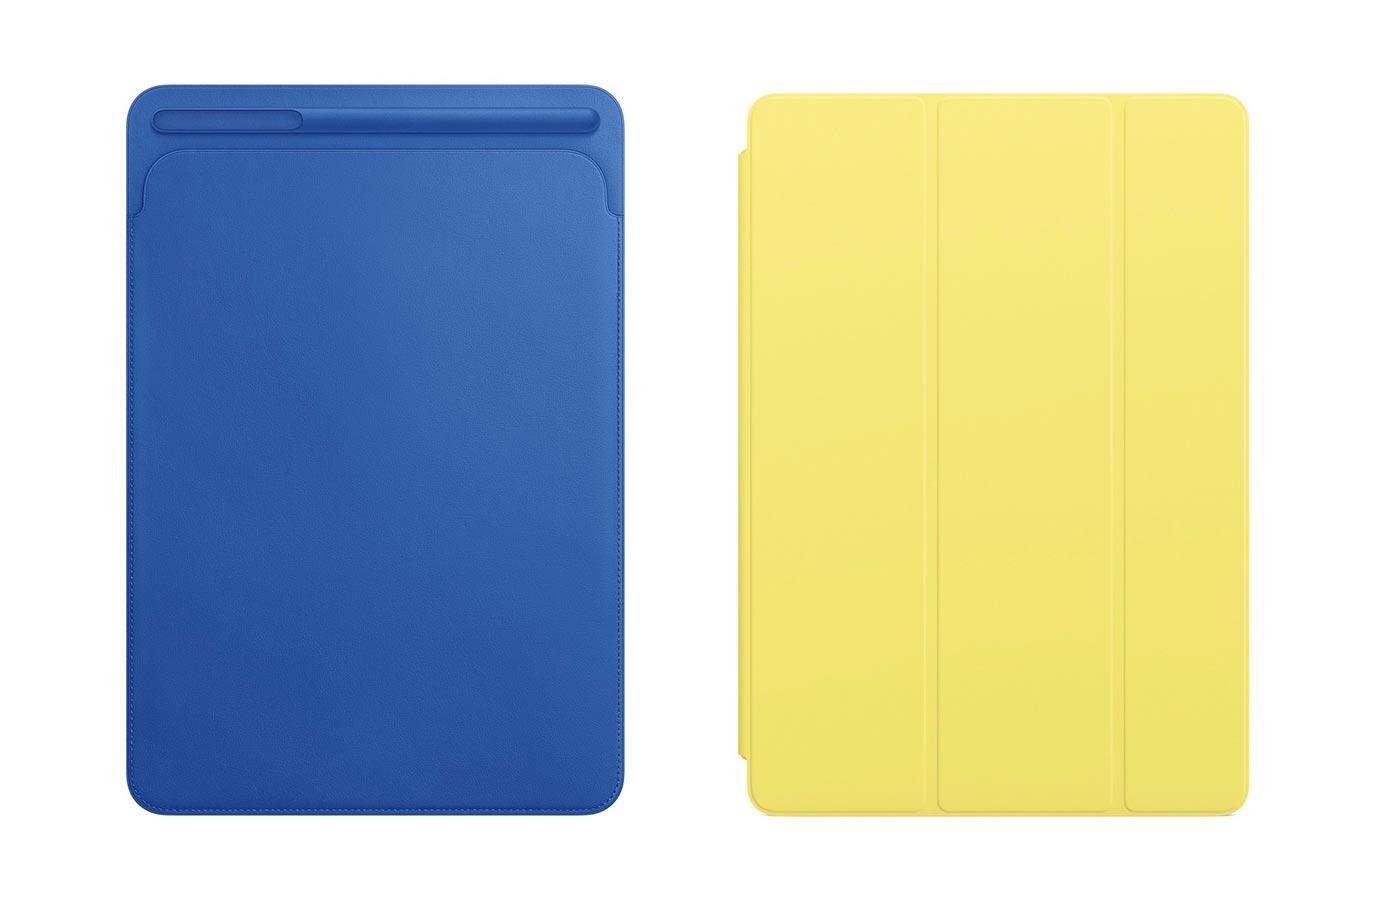 Apple、10.5インチ「iPad Pro」向け「Smart Cover」「レザースリーブ」に新色を追加 ― Apple Pencilケースも新色追加